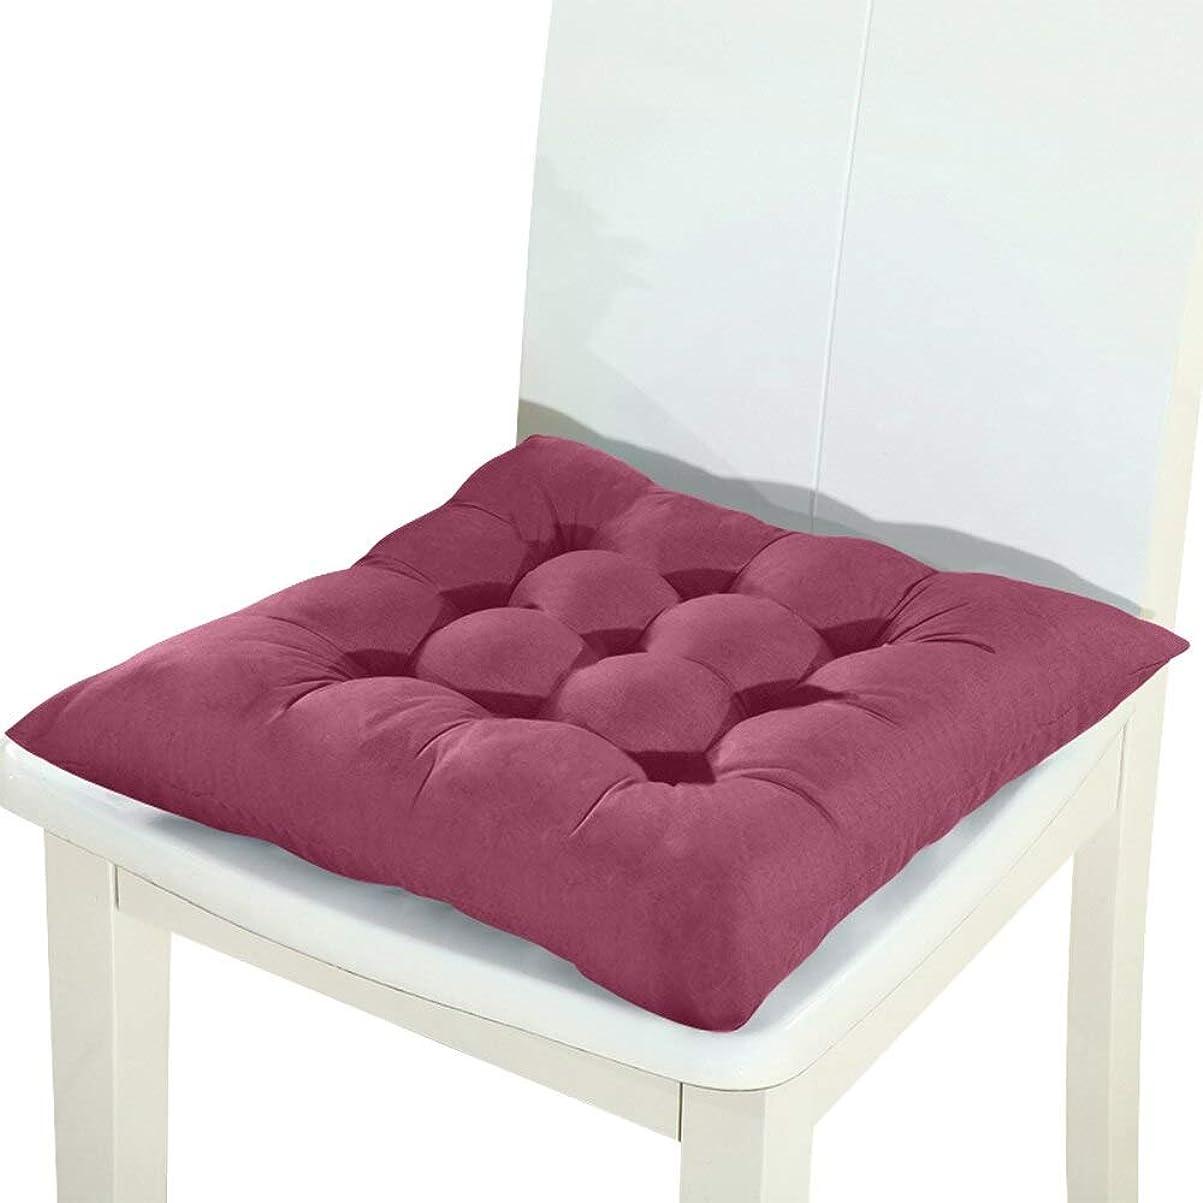 マイクロプロセッサ合成神聖LIFE 1/2/4 個冬オフィスバー椅子バックシートクッションシートクッションパッドソファ枕臀部椅子クッション 37 × 37 センチメートル クッション 椅子